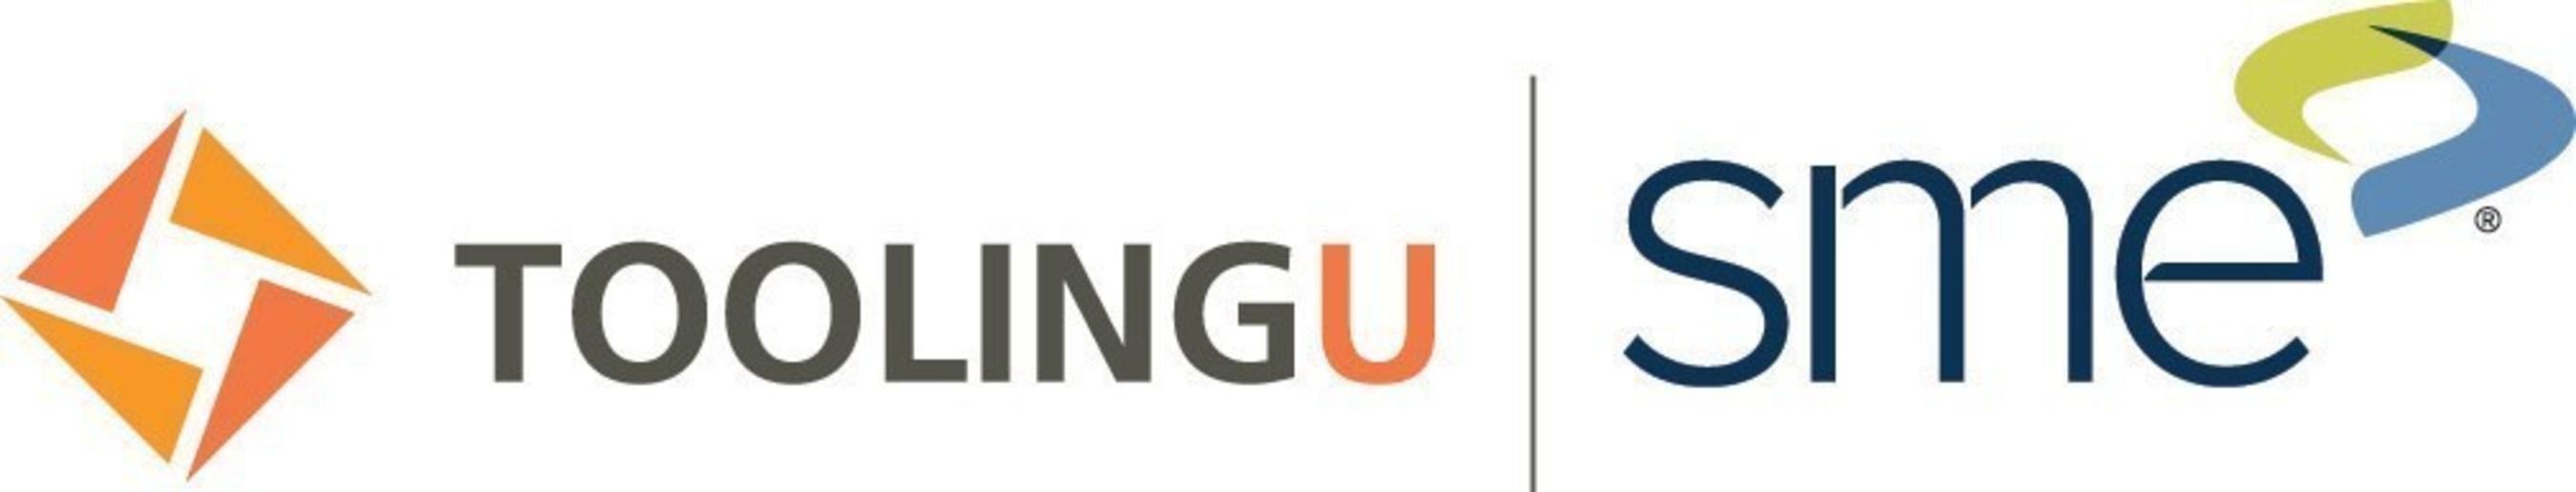 Tooling U-SME logo